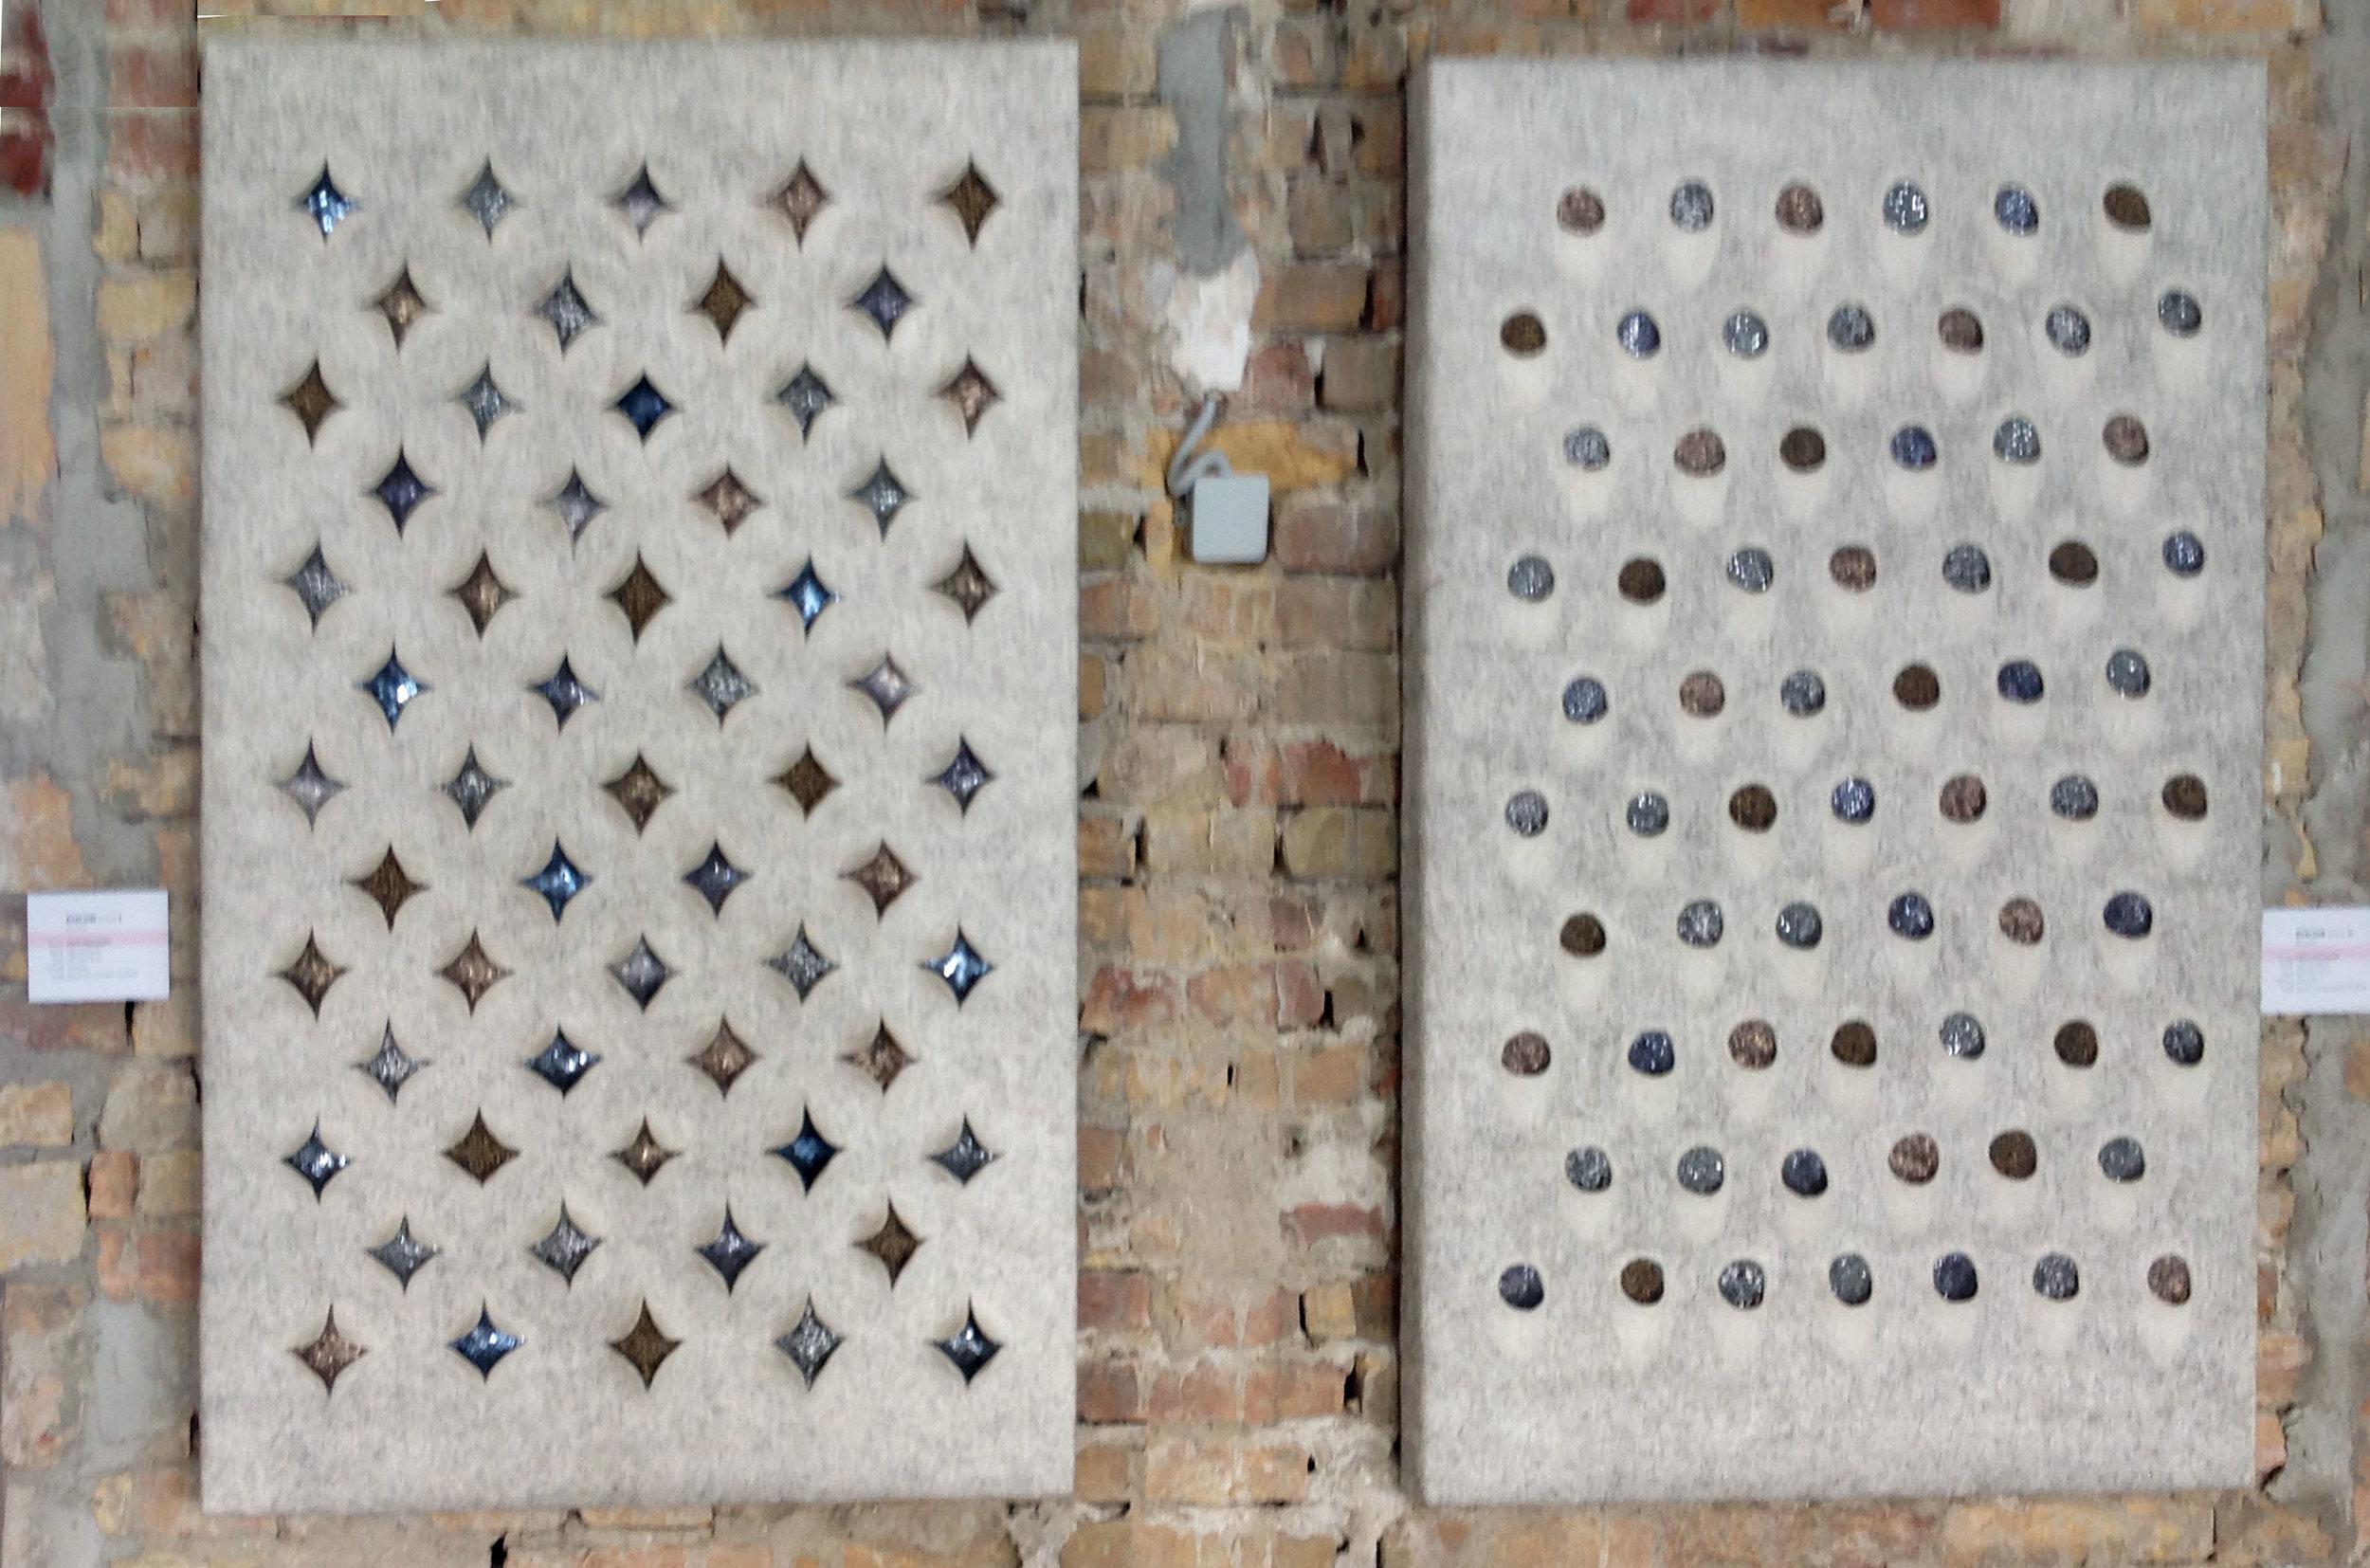 GYALUIM sorozat  - Tervező: Tóth-Pócs JuditGyártó: Saját kivitelezésMéret: 140 cm x 90 cm x 10 cmTechnika: NemezeltAnyaghasználat: Különféle gyapjak, hernyóselyemszál, fémflitterTermékismertető: A nemez számos tulajdonságának egyike, hogy elnyeli a fényt, míg a fémflitterek, fémes anyagok visszaverik azt. Ezt a két hatást ötvözve szerettem volna egy fény-árny játékot megjeleníteni a Gyaluim sorozatnál, melyet a mindenki konyhájában fellelhető négyoldalú reszelő ihletett.